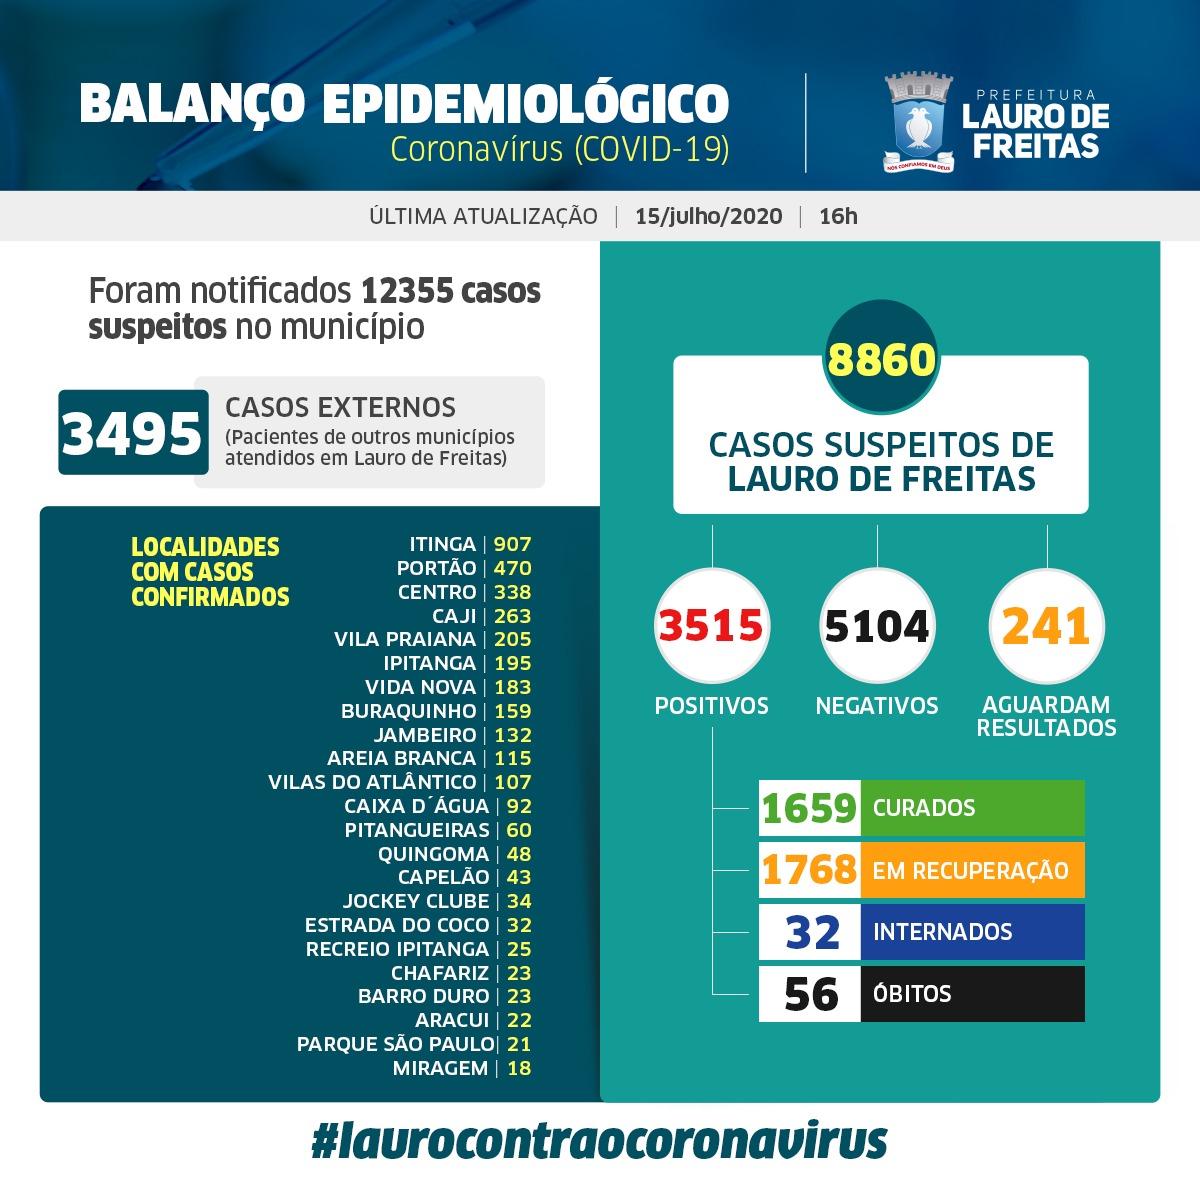 Lauro de Freitas tem 1659 pessoas curadas da Covid-19